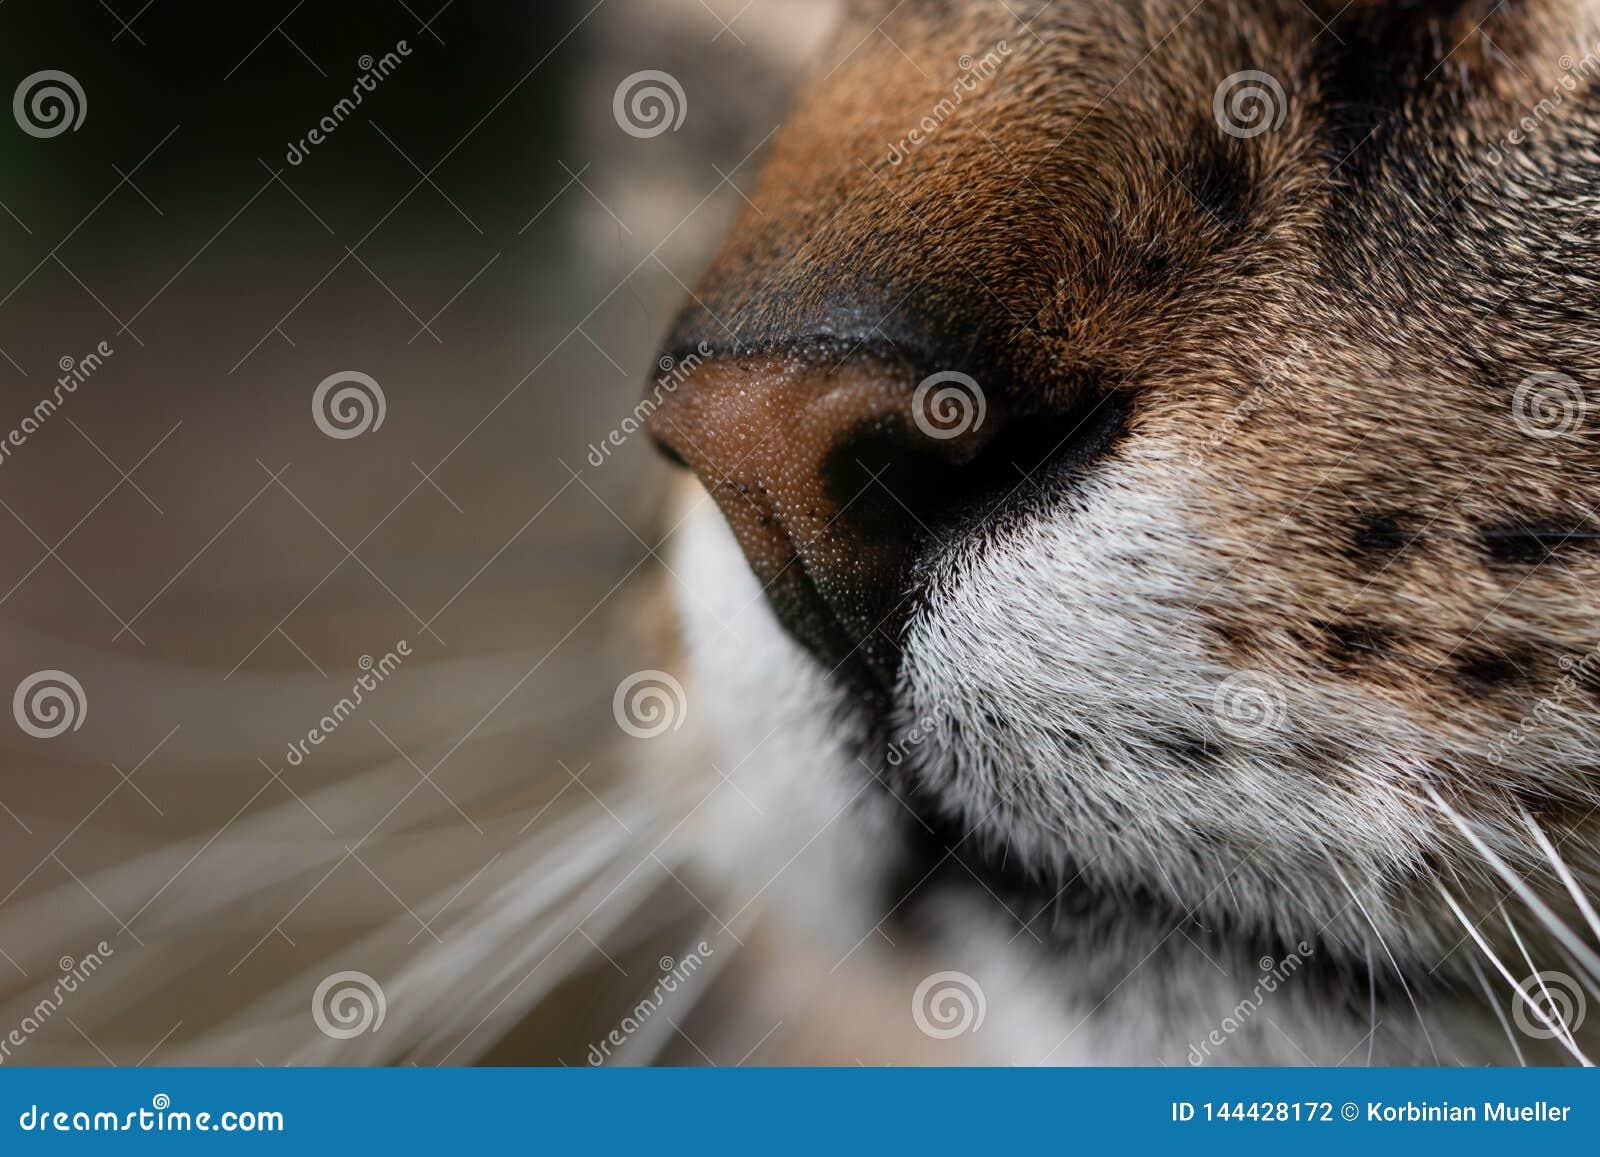 Snuit van een kat in close-up